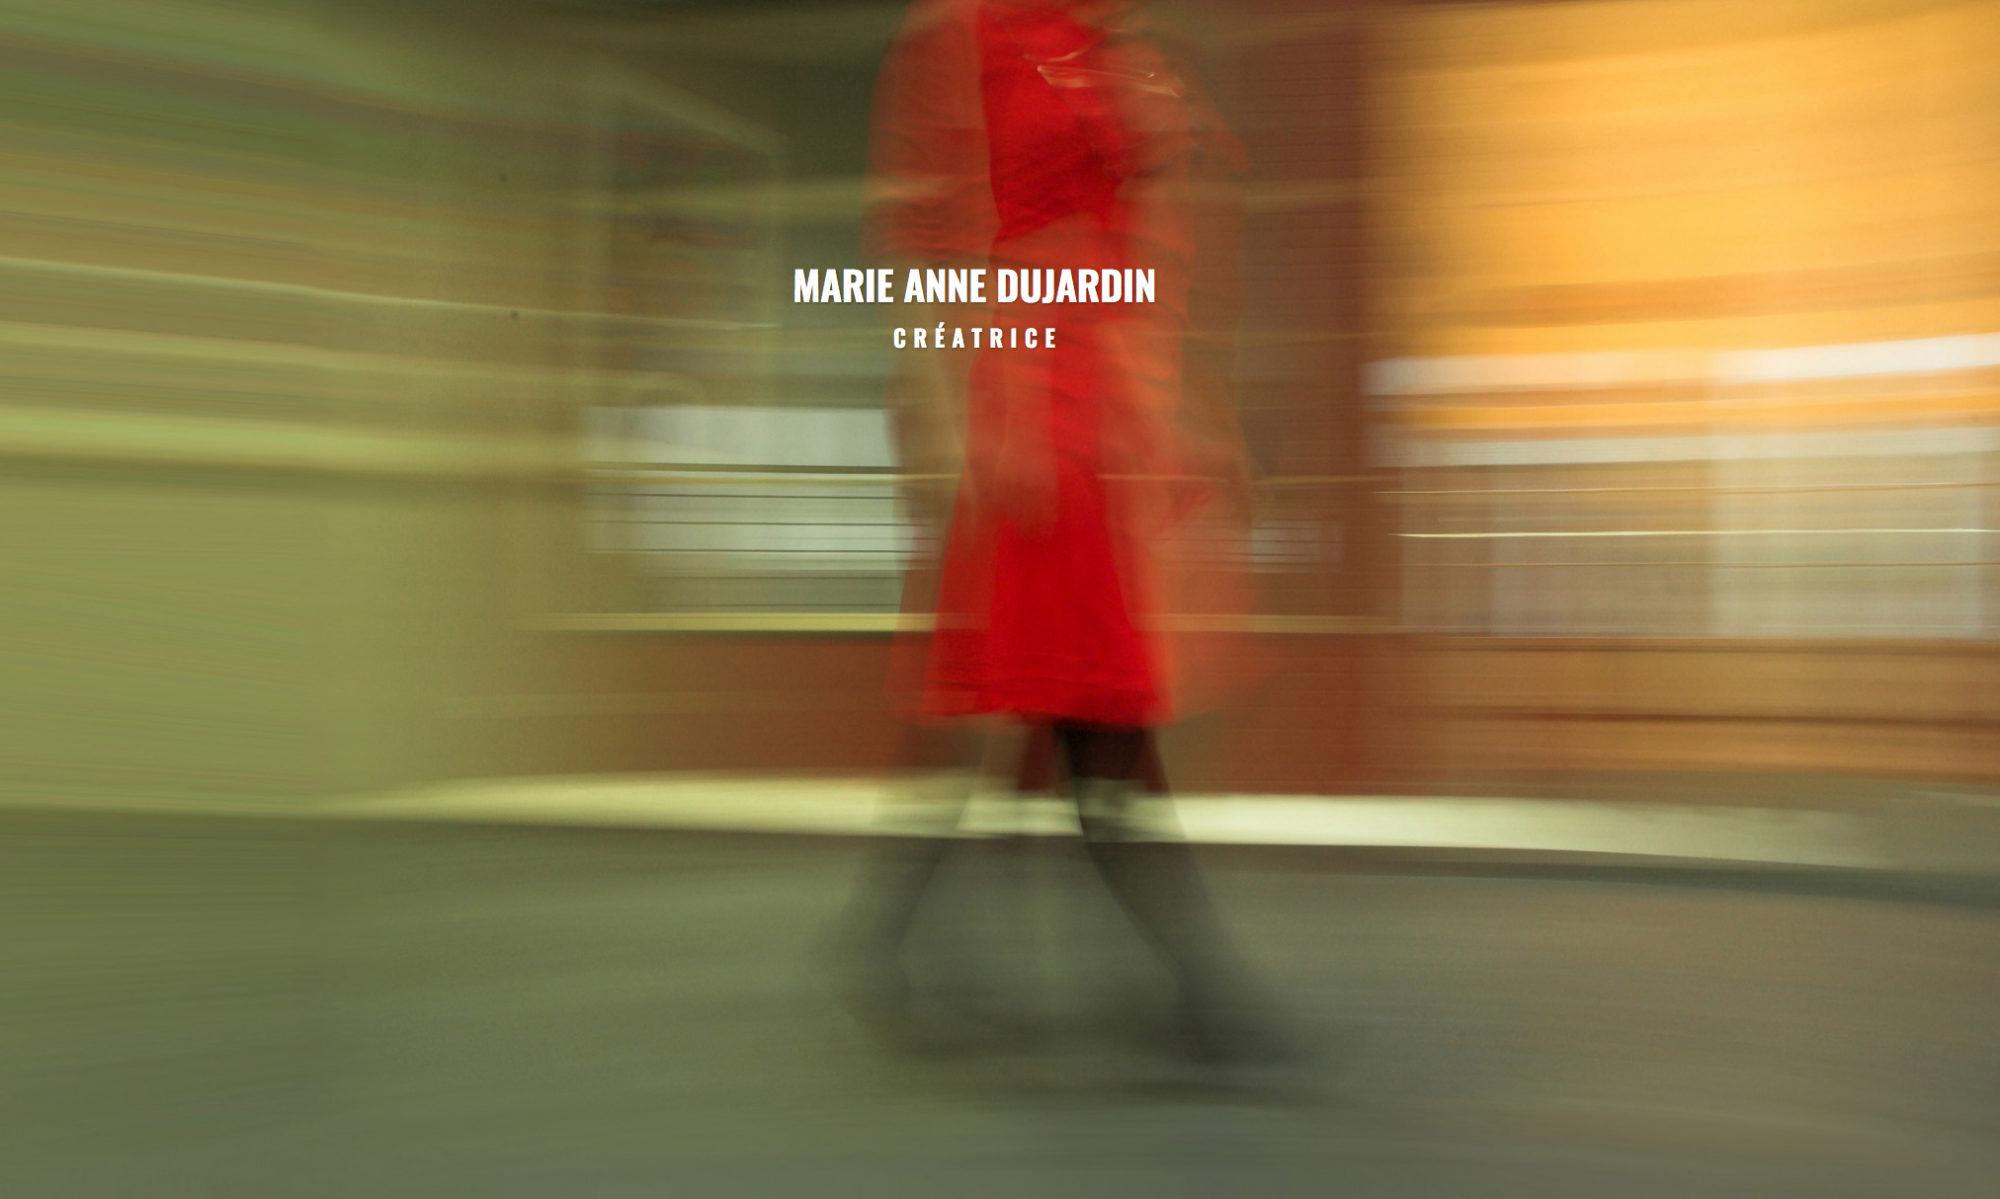 Marie Anne Dujardin